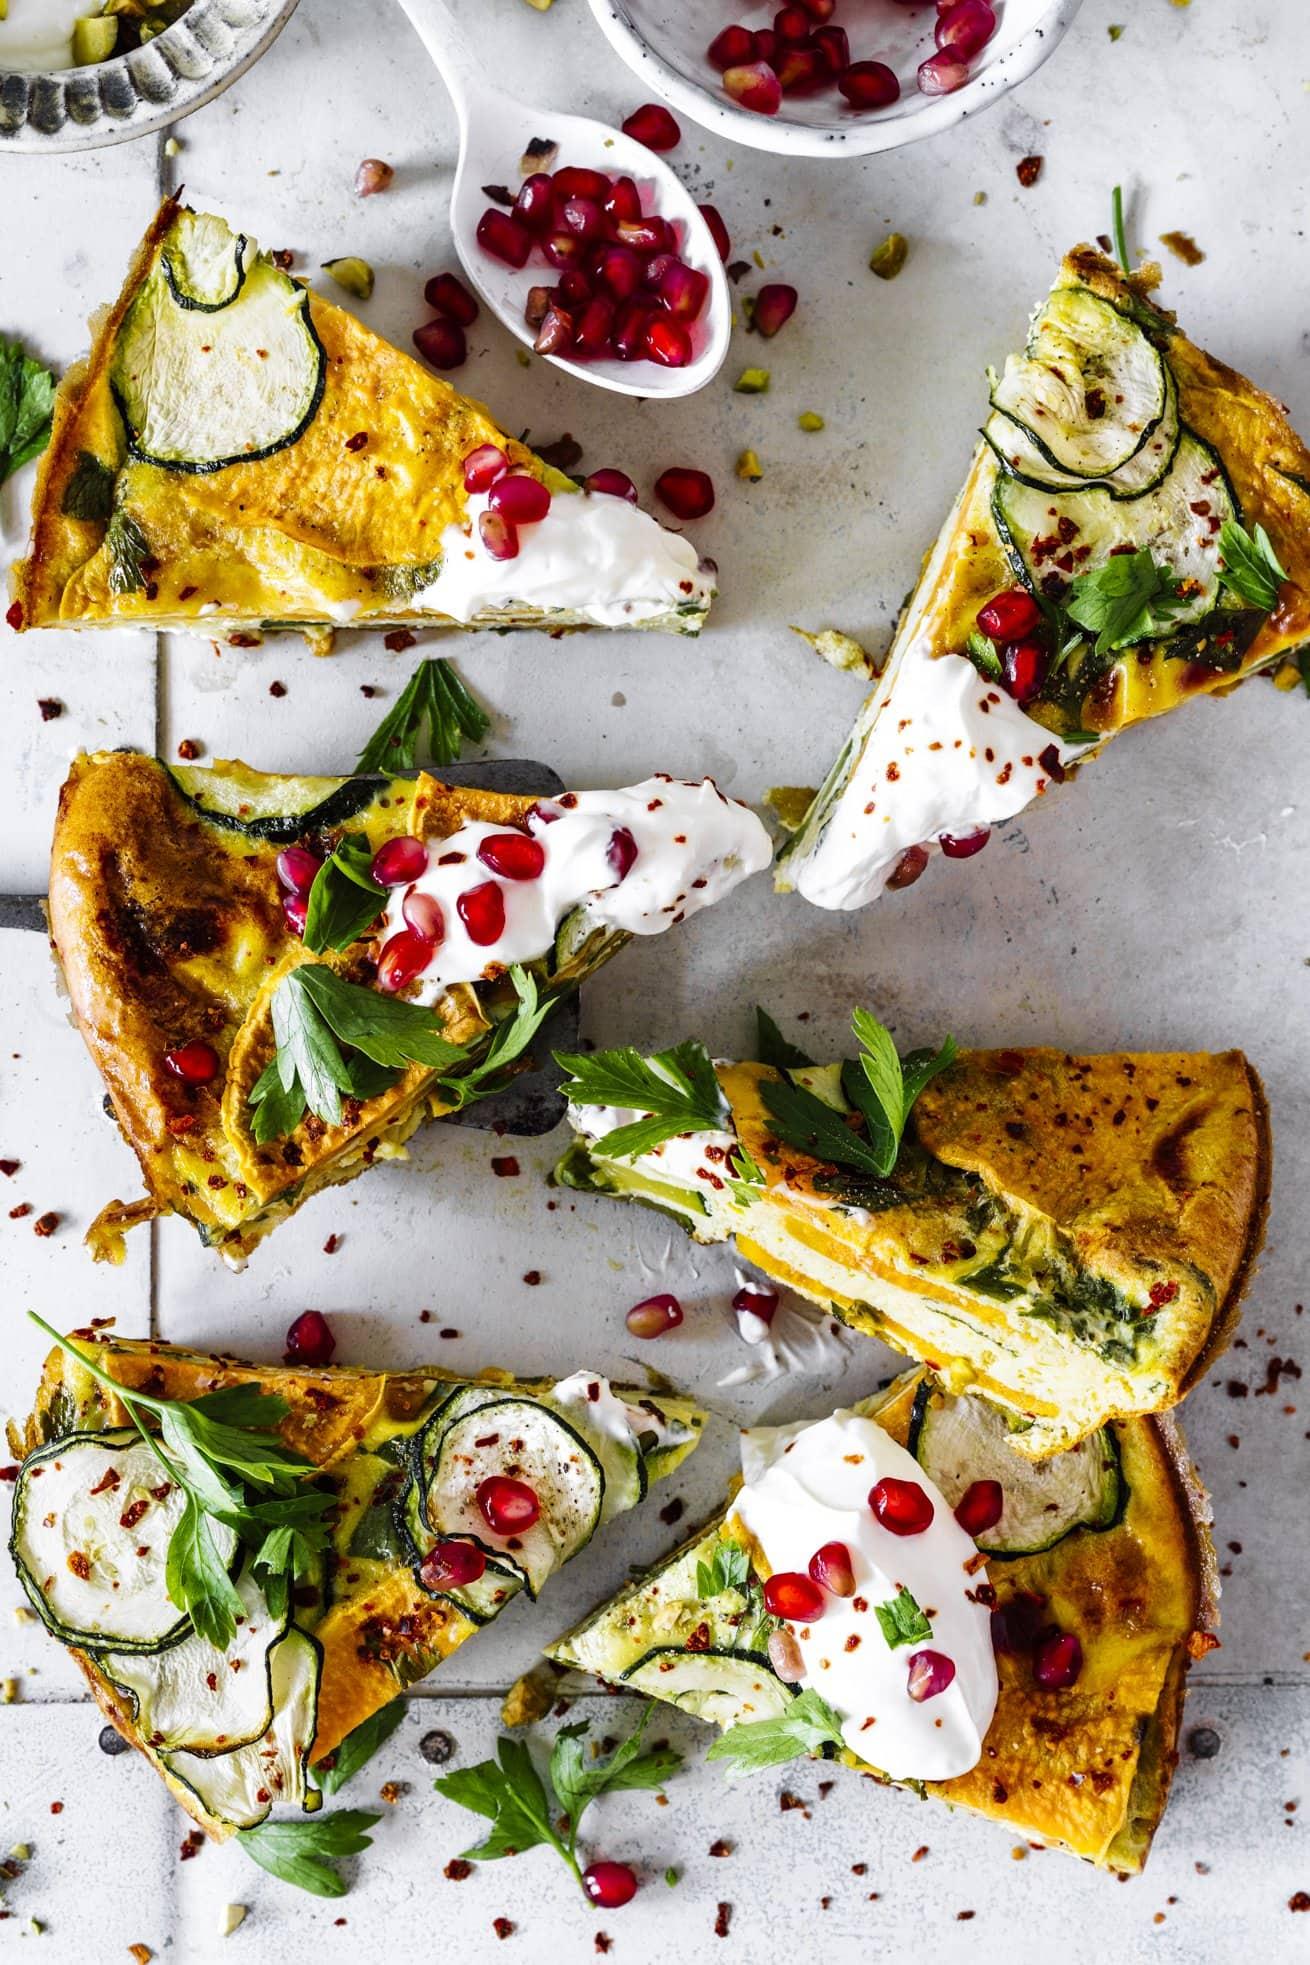 Tolles Rezept für eine leckere Zucchini Frittata aus dem Ofen